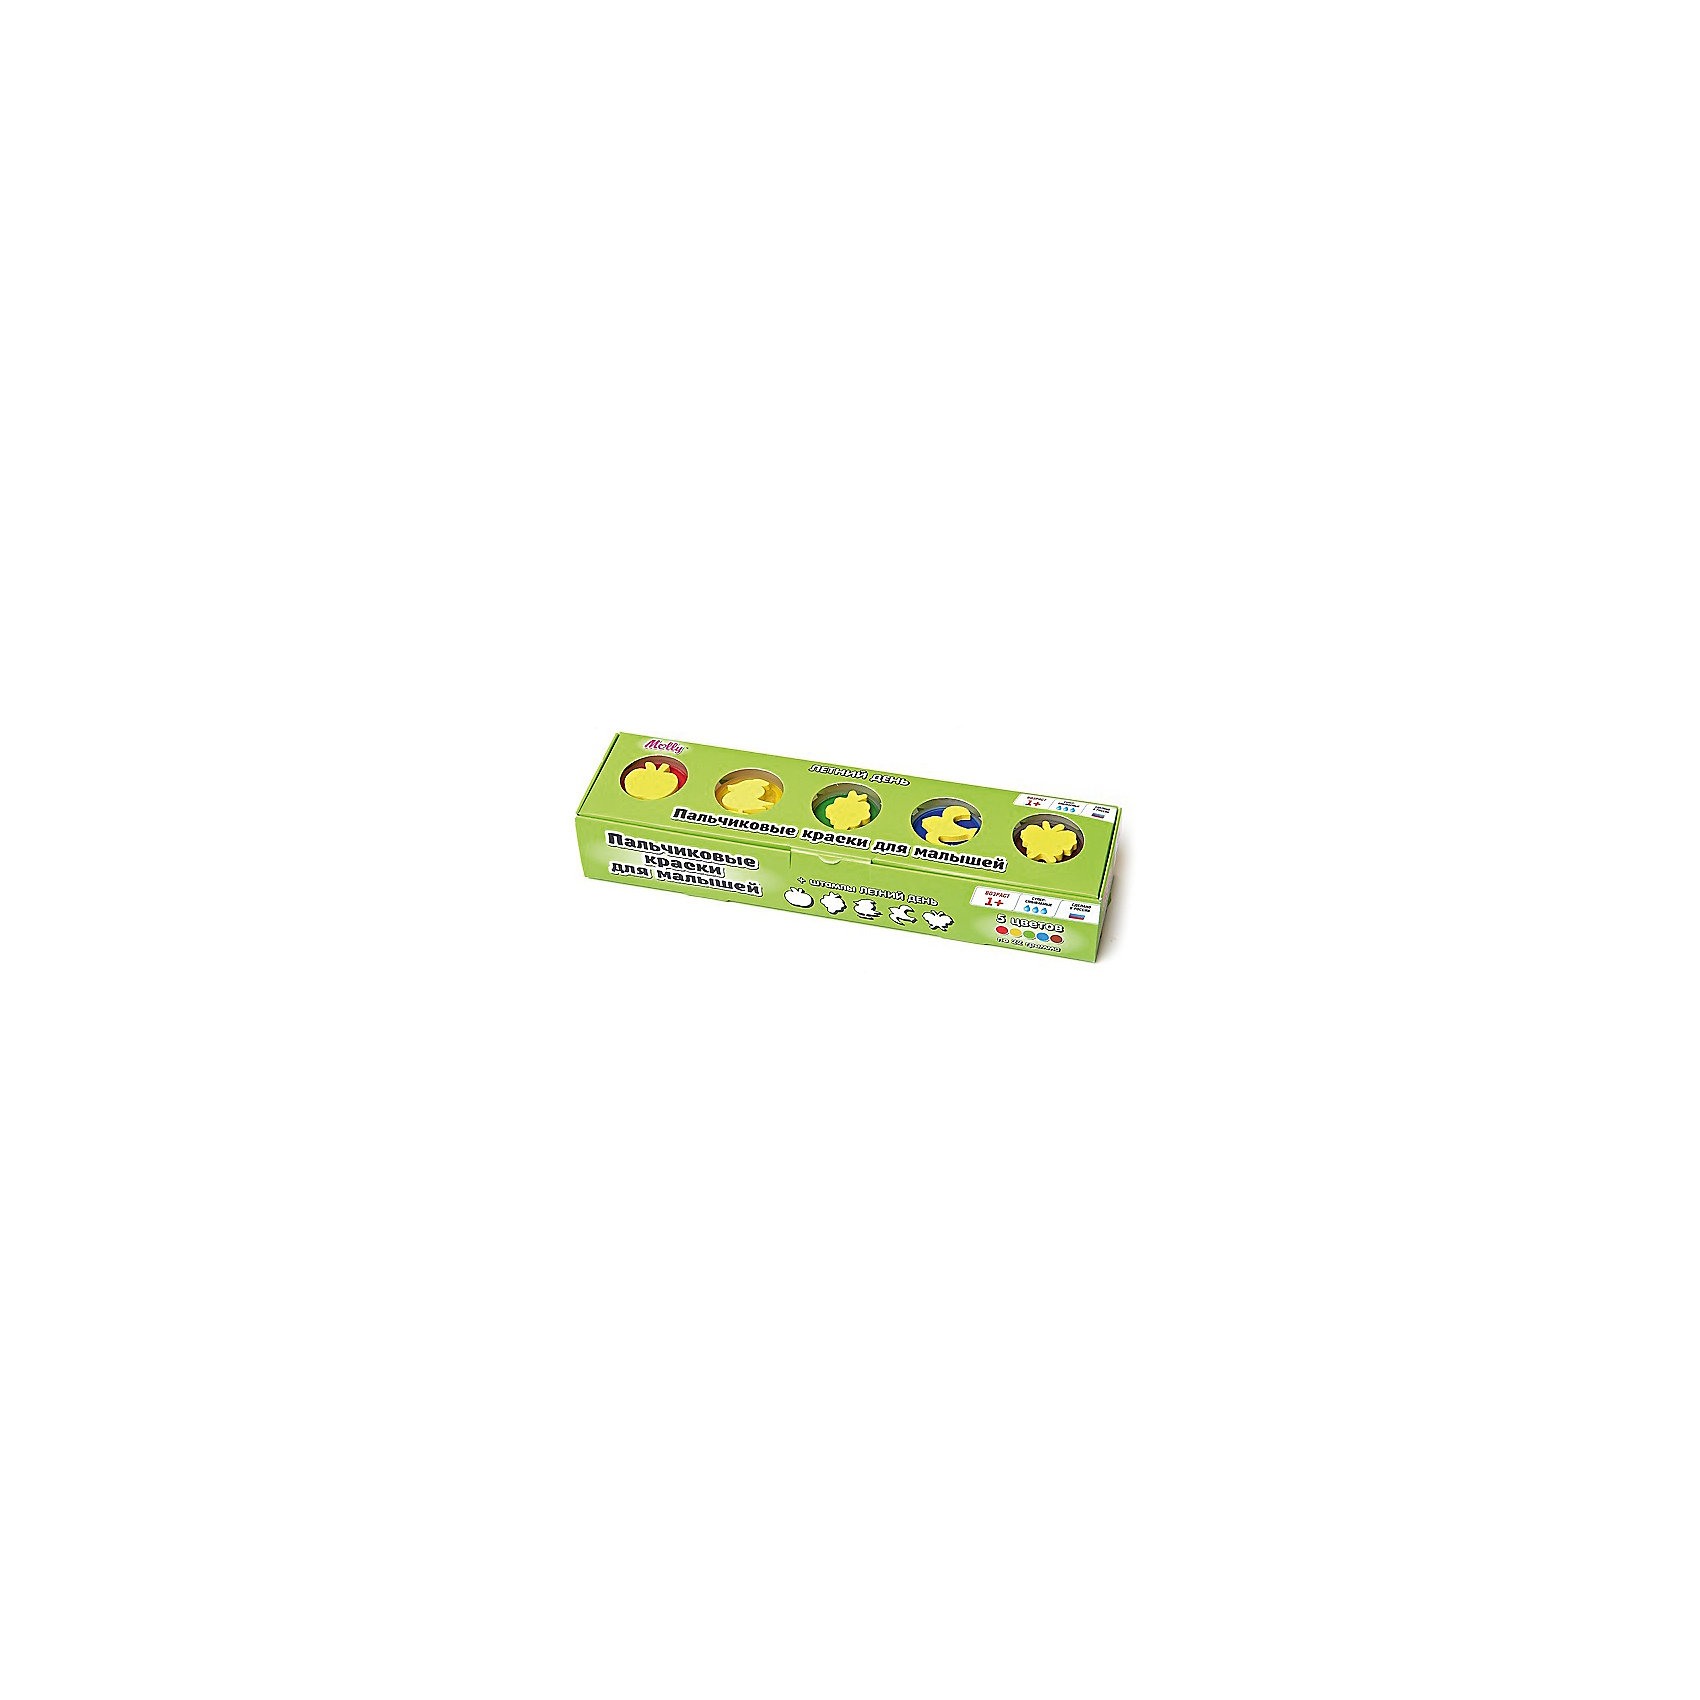 Пальчиковые краски Летний день со штампиками, 5 цветовПальчиковые краски Летний день со штампиками, 5 цветов.<br><br>Характеристика: <br><br>• Материал: пищевой краситель, целлюлозный загуститель, глицерин, мел, консервант косметический, вода питьевая. <br>• Размер упаковки: 24х6х4 см.<br>• Объем баночки: 22 мл.<br>• Количество цветов: 5.<br>• Комплектация: 5 баночек с краской, 5 штампиков. <br>• Яркие, насыщенные цвета. <br>• Краска легко смывается с одежды и рук. <br>• Безопасна при проглатывании. <br>• Отлично развивает моторику рук, внимание, мышление и воображение. <br>• Оригинальный фигурные штампики. <br><br>Пальчиковые краски - идеальный вариант для самых юных и активных художников! Краски изготовлены их высококачественных нетоксичных материалов абсолютно безопасных для малышей. Яркие цвета и оригинальные штампики-трафареты обязательно заинтересуют кроху и подарят множество приятных творческих моментов!<br><br>Рисование - прекрасный вид детского досуга. В процессе художественной деятельности ребенок развивает моторику рук, цветовосприятие, фантазию и усидчивость, получая при этом море положительных эмоций. <br><br>Пальчиковые краски Летний день со штампиками, 5 цветов, можно купить в нашем интернет-магазине.<br><br>Ширина мм: 24<br>Глубина мм: 6<br>Высота мм: 4<br>Вес г: 110<br>Возраст от месяцев: 12<br>Возраст до месяцев: 36<br>Пол: Унисекс<br>Возраст: Детский<br>SKU: 5417577